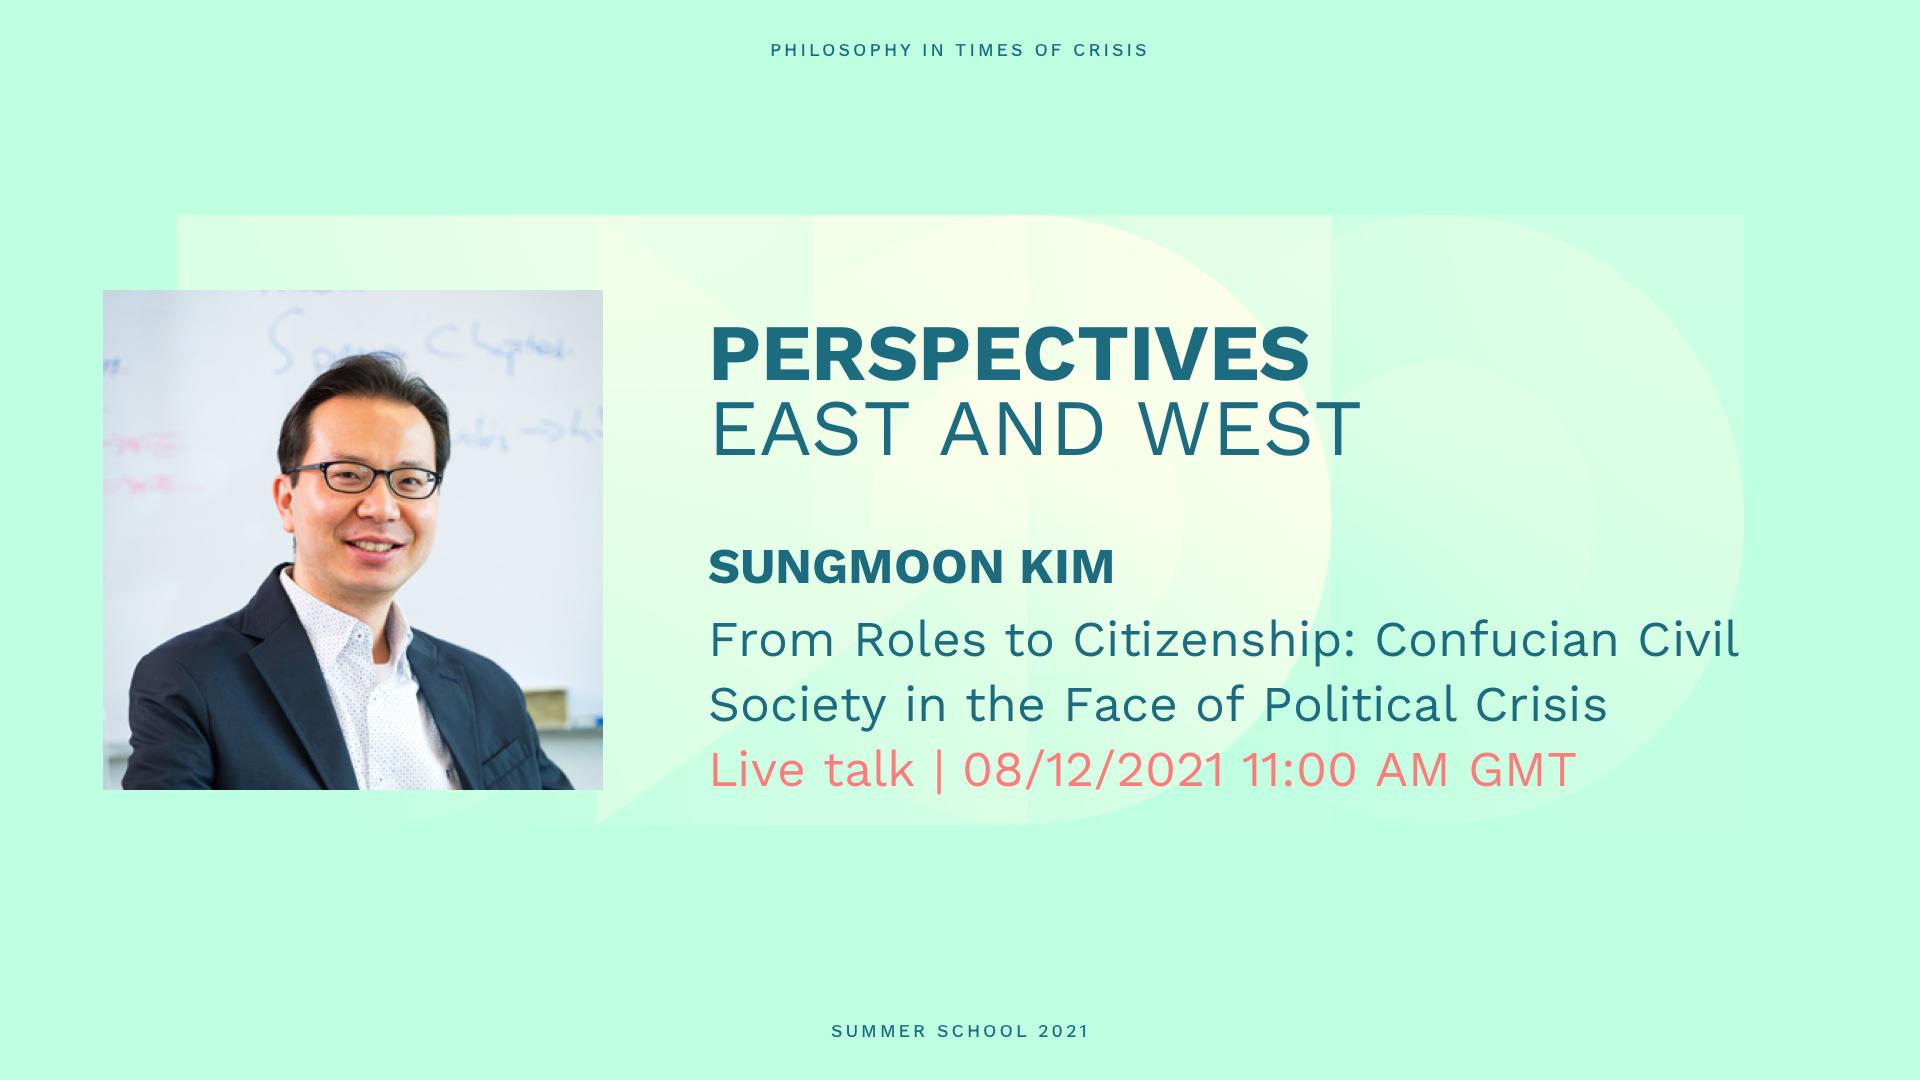 Sungmoon Kim